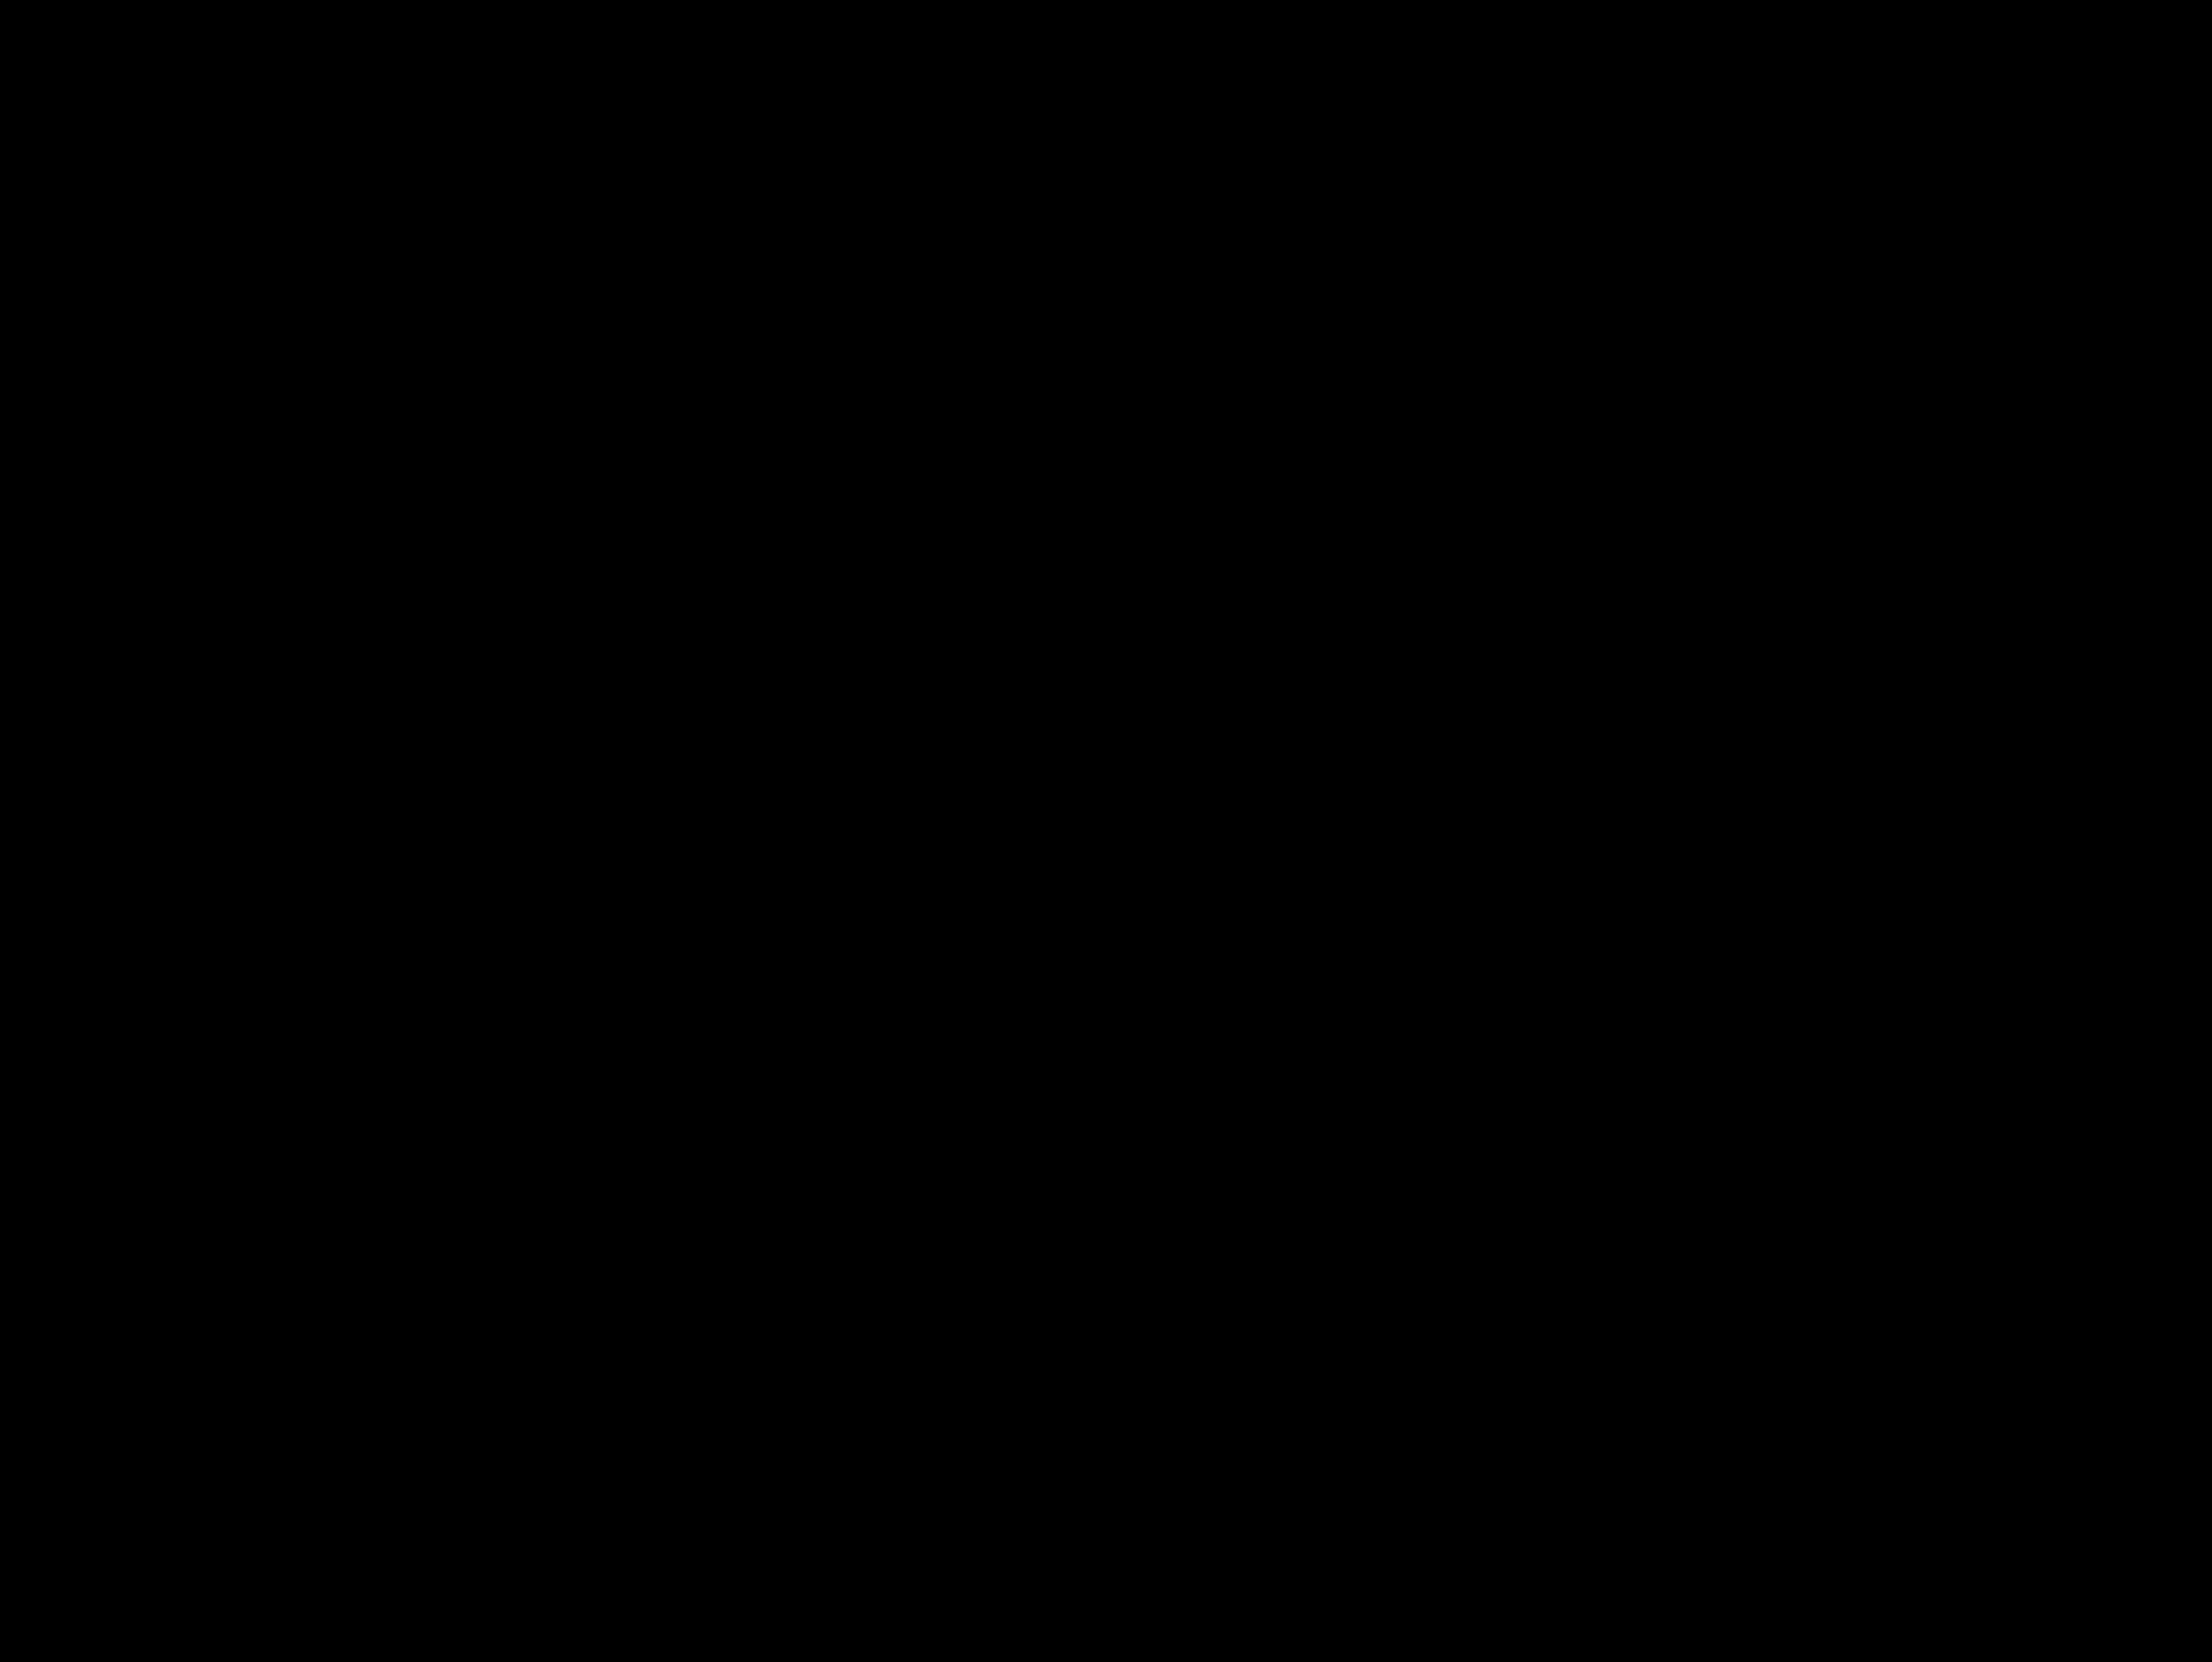 The girl from gi joe naked